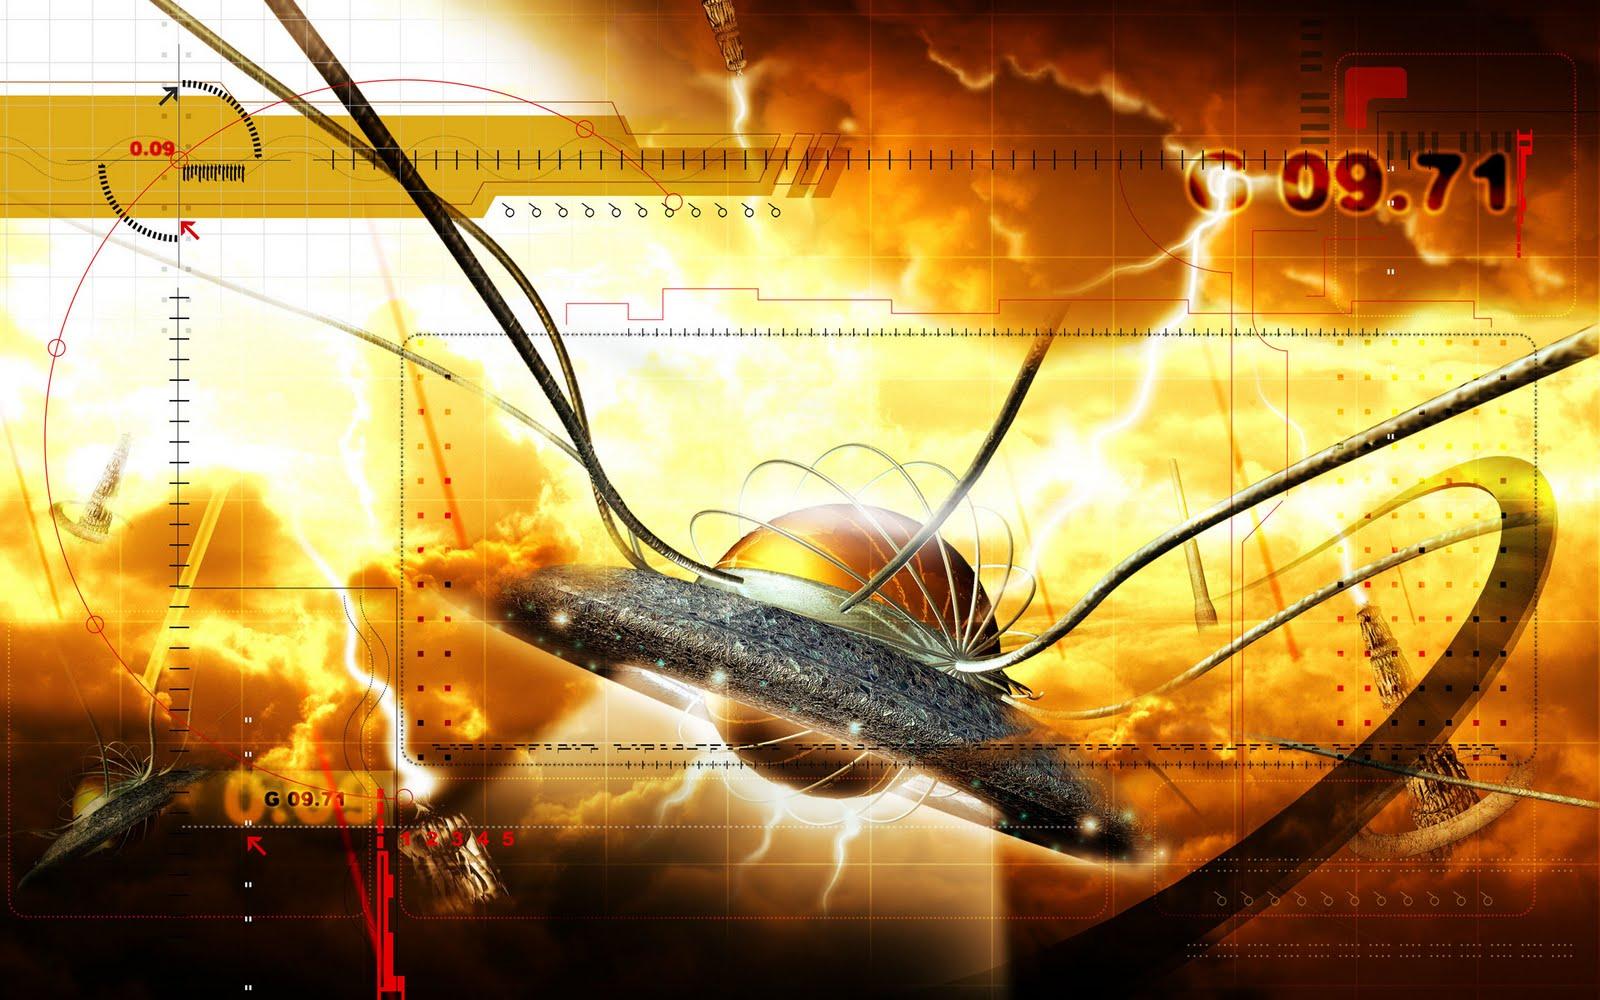 http://1.bp.blogspot.com/_KLJU3hHDGVM/TDRzL2ZnDFI/AAAAAAAACxI/Nc4Hmd16dgY/s1600/Future_Wallpapers_1440x900.jpg